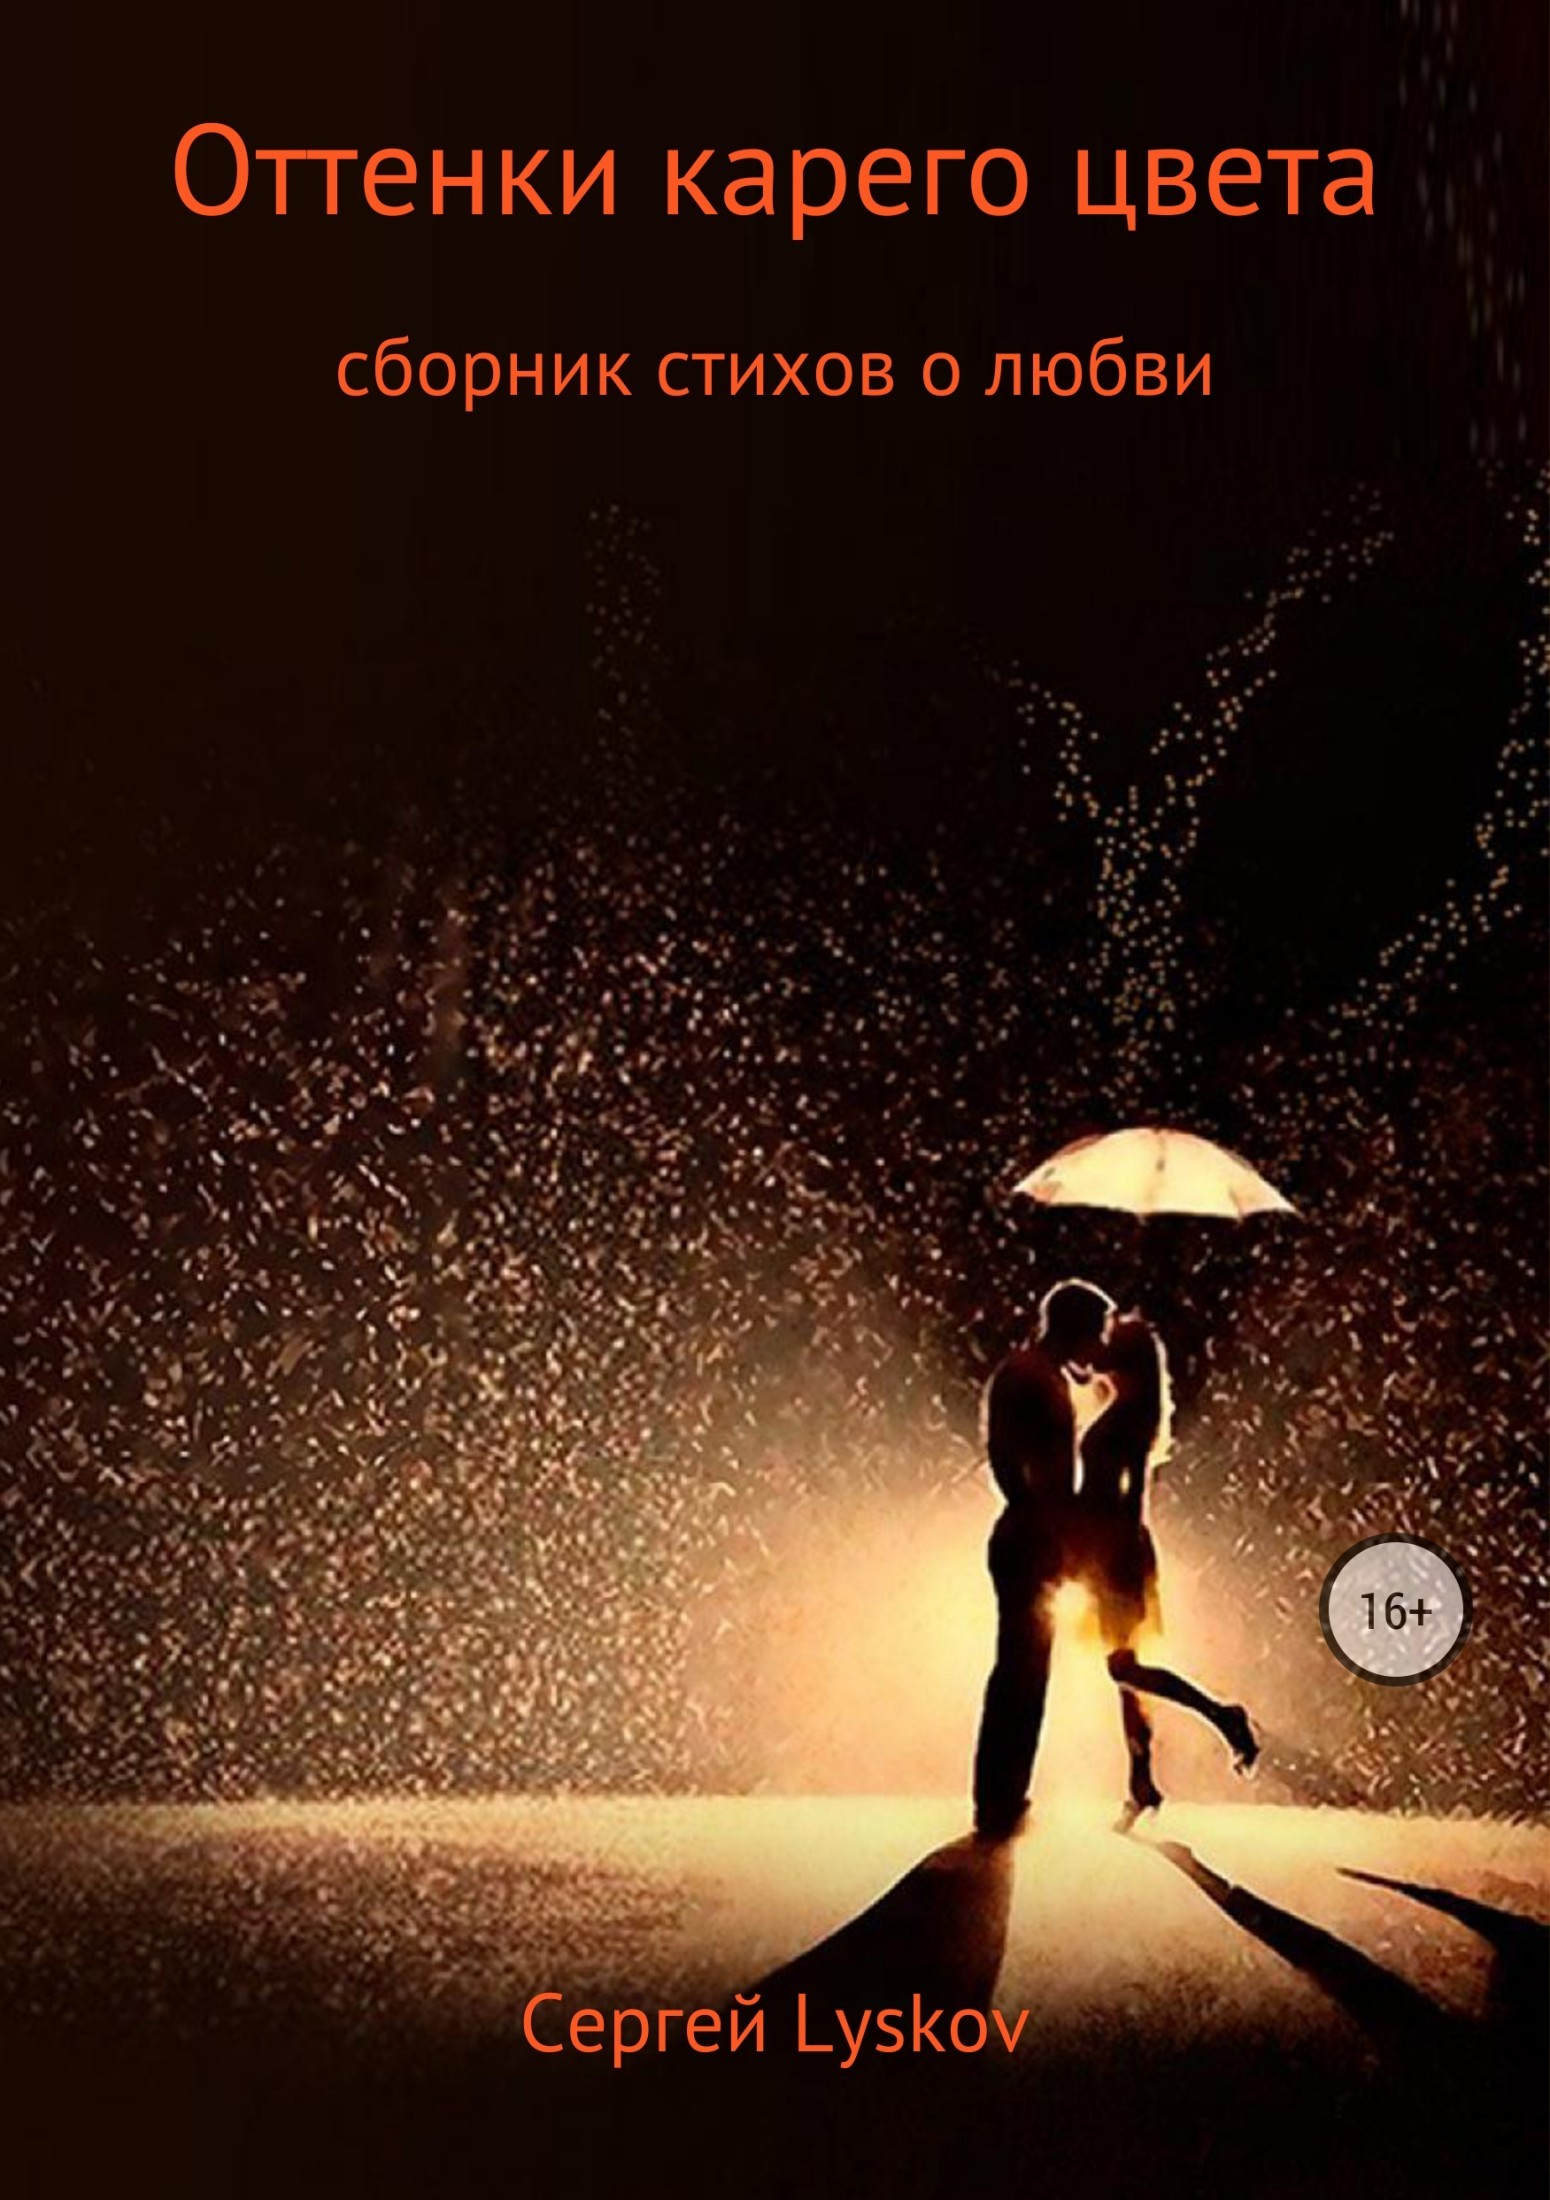 Сергей Геннадьевич Lyskov Оттенки карего цвета дырокол kw trio 964 30 листов регулируемый